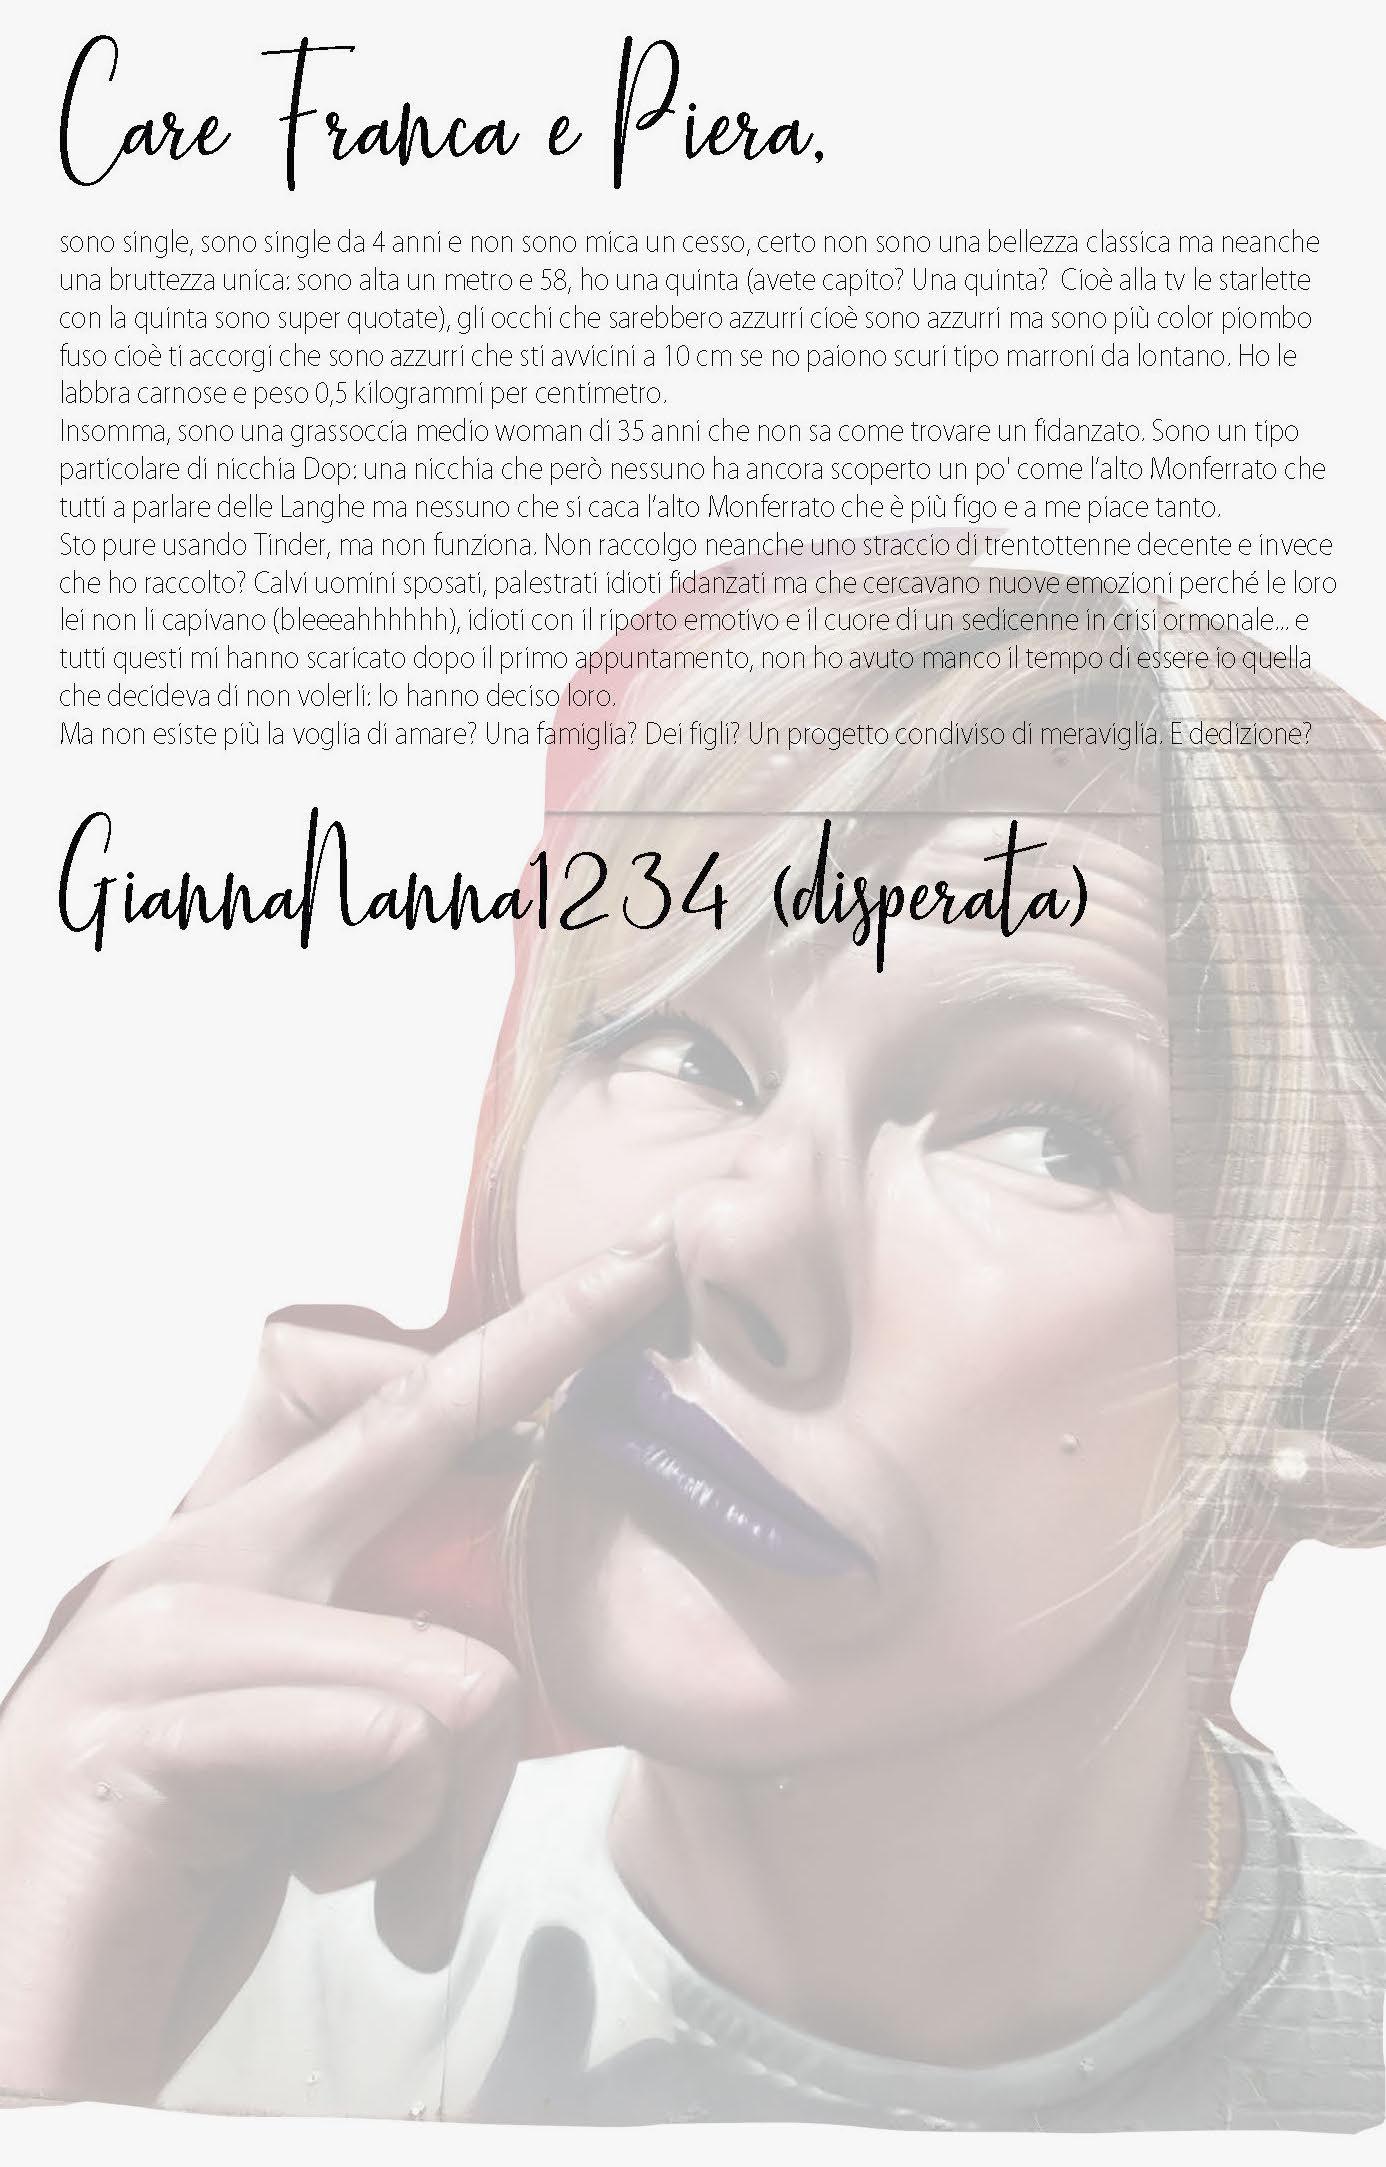 GiannaNanna1234 che a 35 anni e malgrado Tinder non vede un fidanzato da mò.